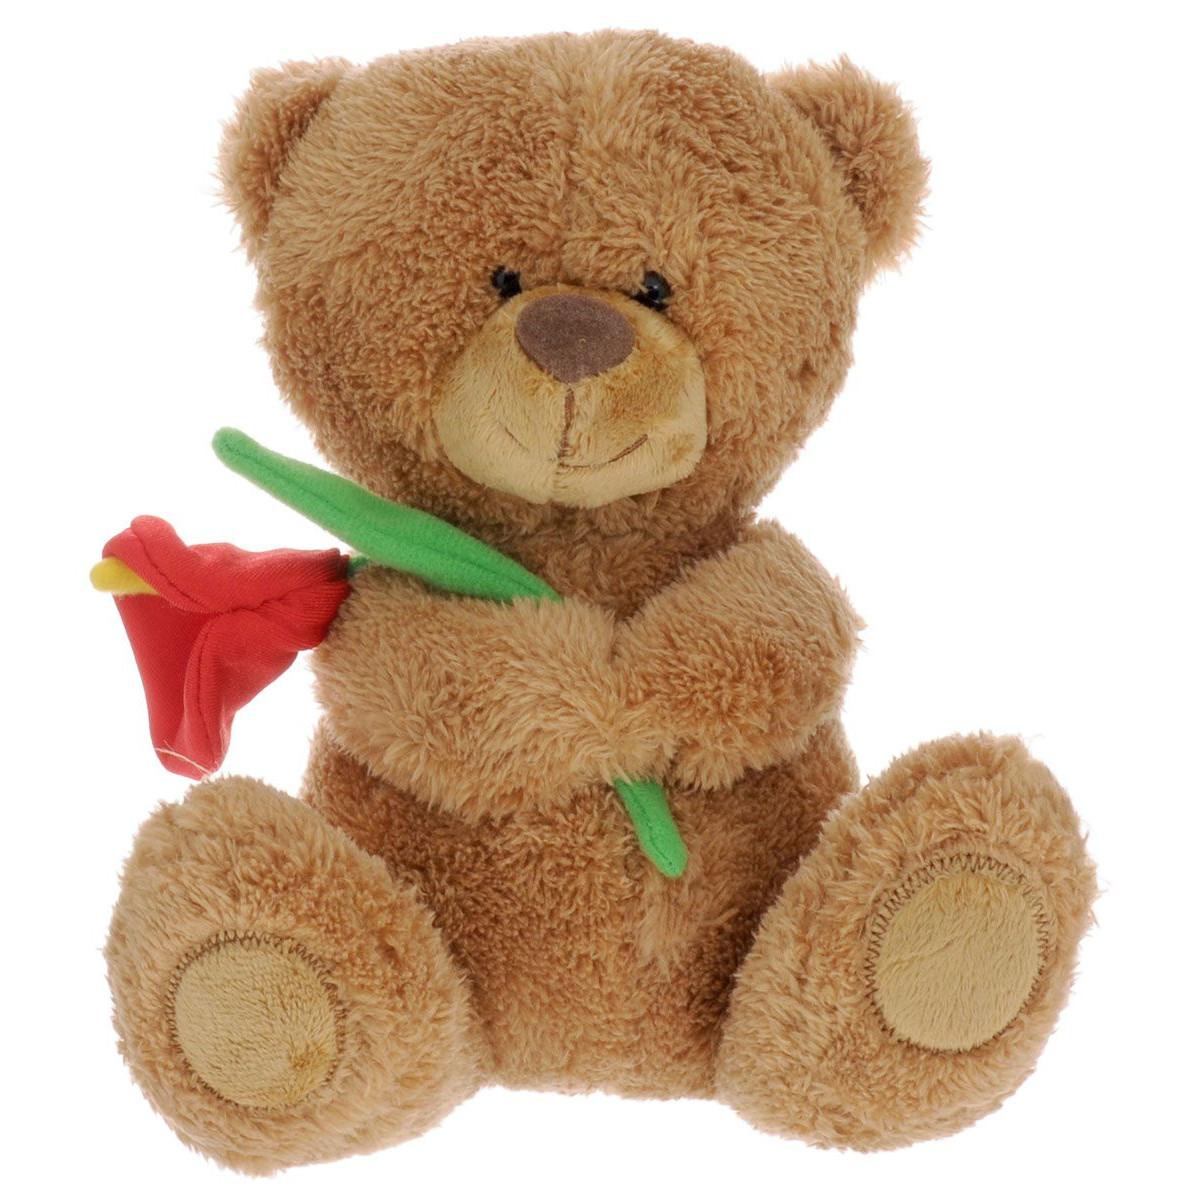 Мягкая игрушка - Медвежонок Сэмми с красной каллой, музыкальный, 18 см.Говорящие игрушки<br>Мягкая игрушка - Медвежонок Сэмми с красной каллой, музыкальный, 18 см.<br>